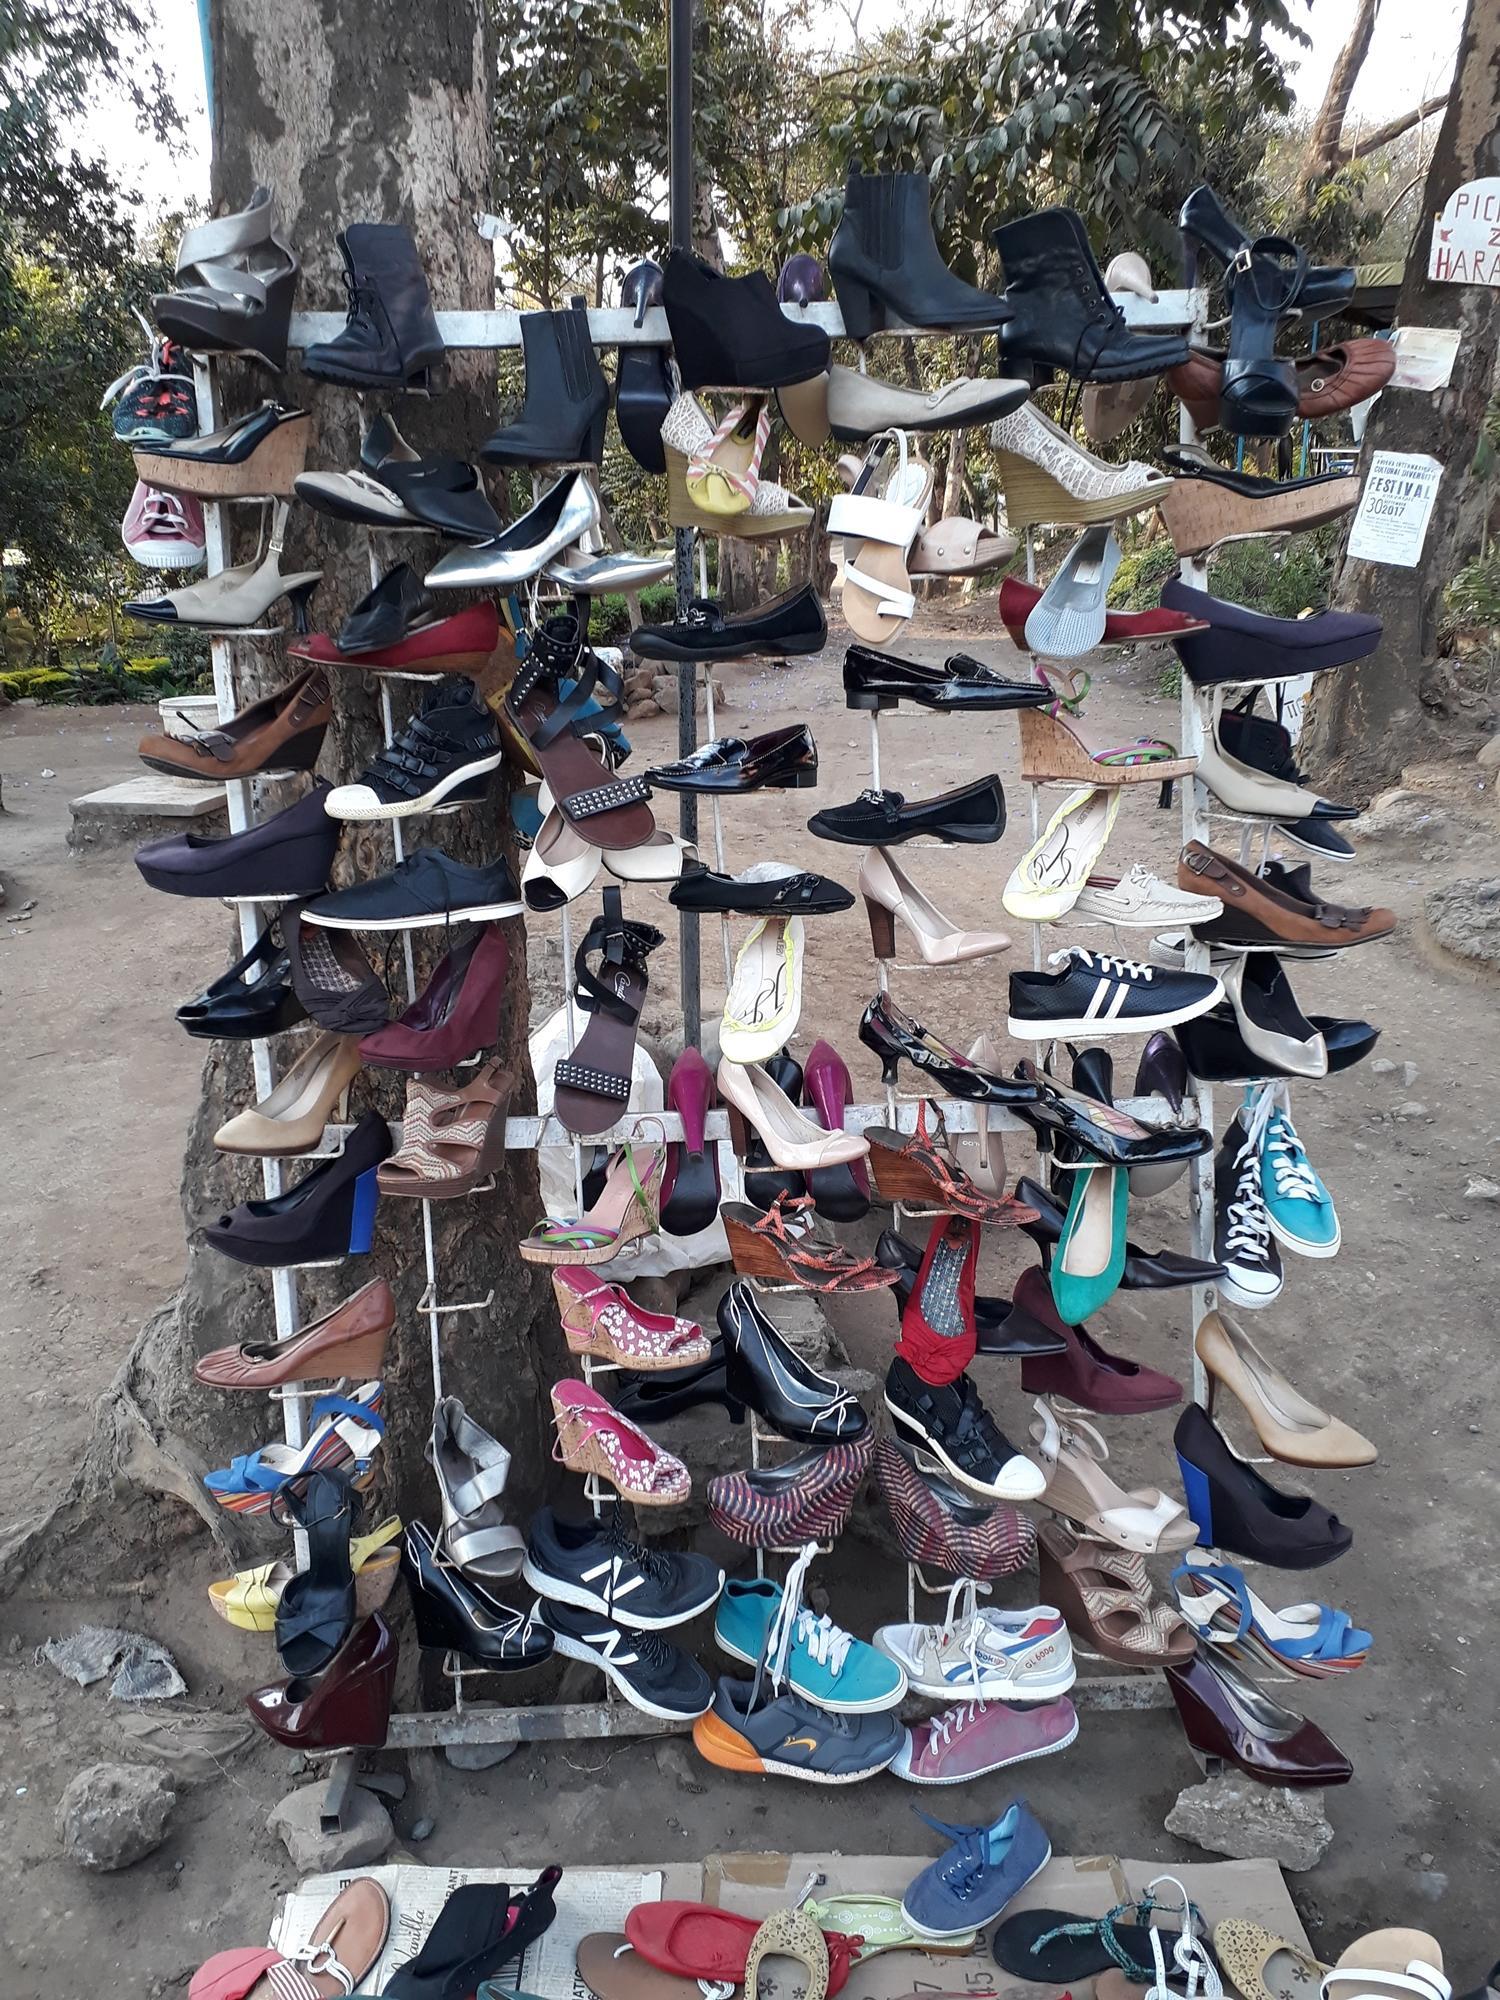 Als je vrijwilligerswerk in Arusha hebt gedaan, dan is de kans groot dat je een van deze schoenenrekken tegen bent gekomen op straat.